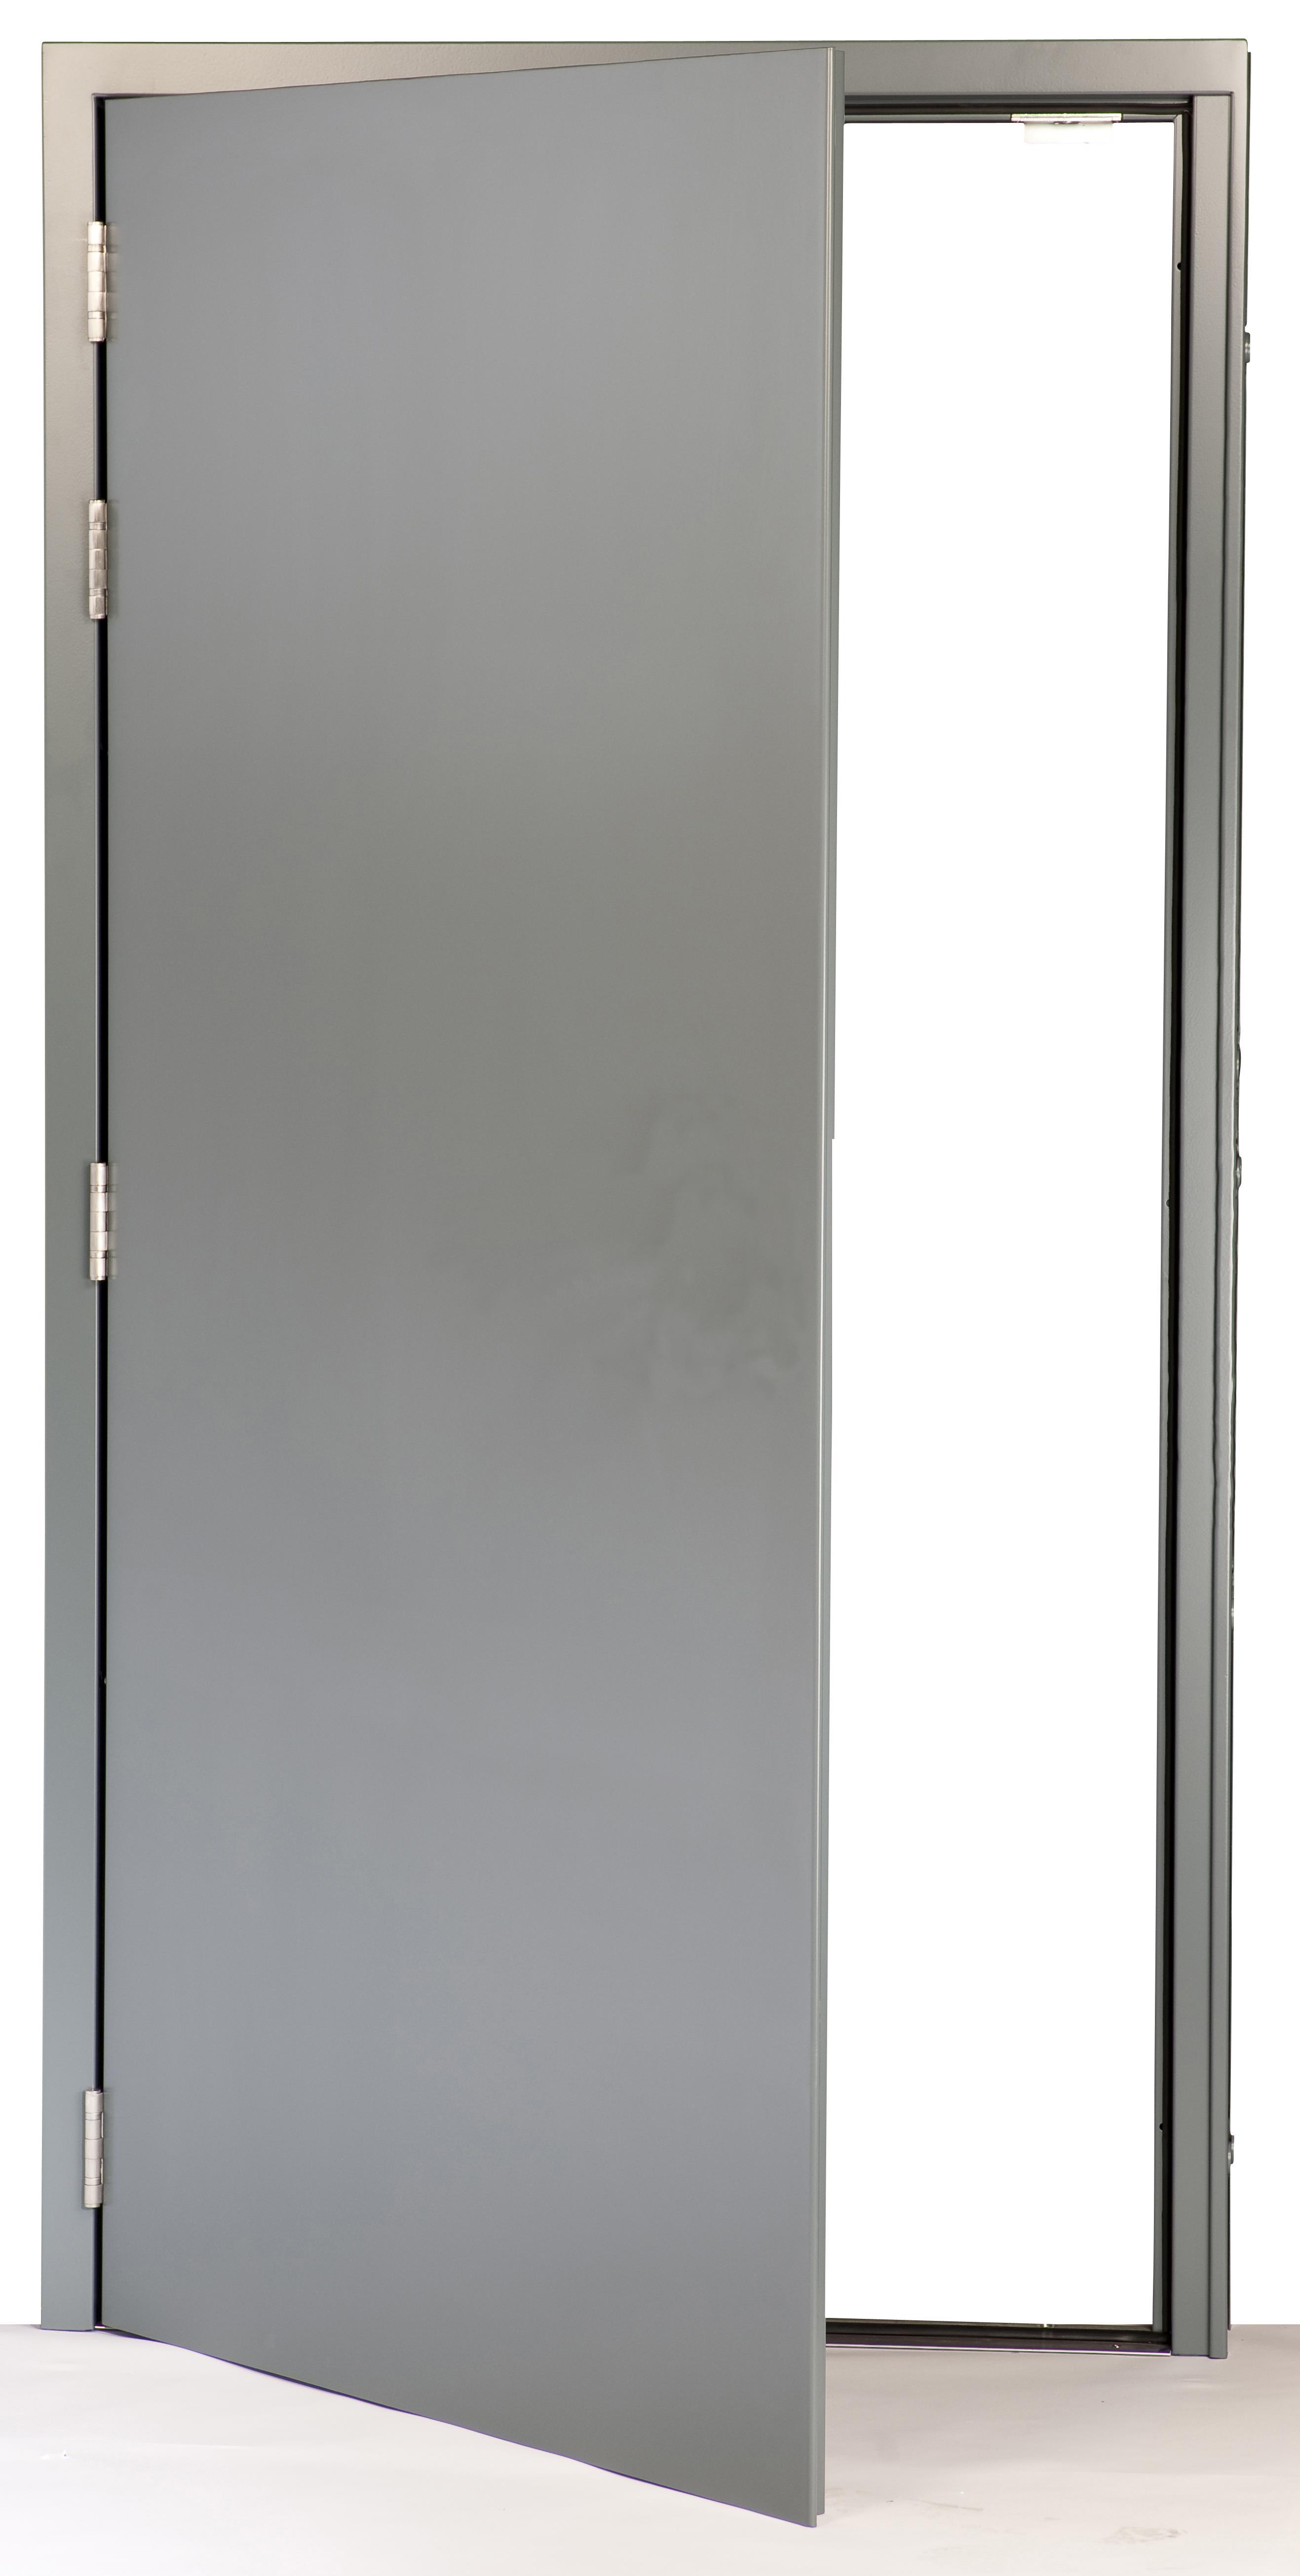 Clandeboye - LPS 1175 SR2